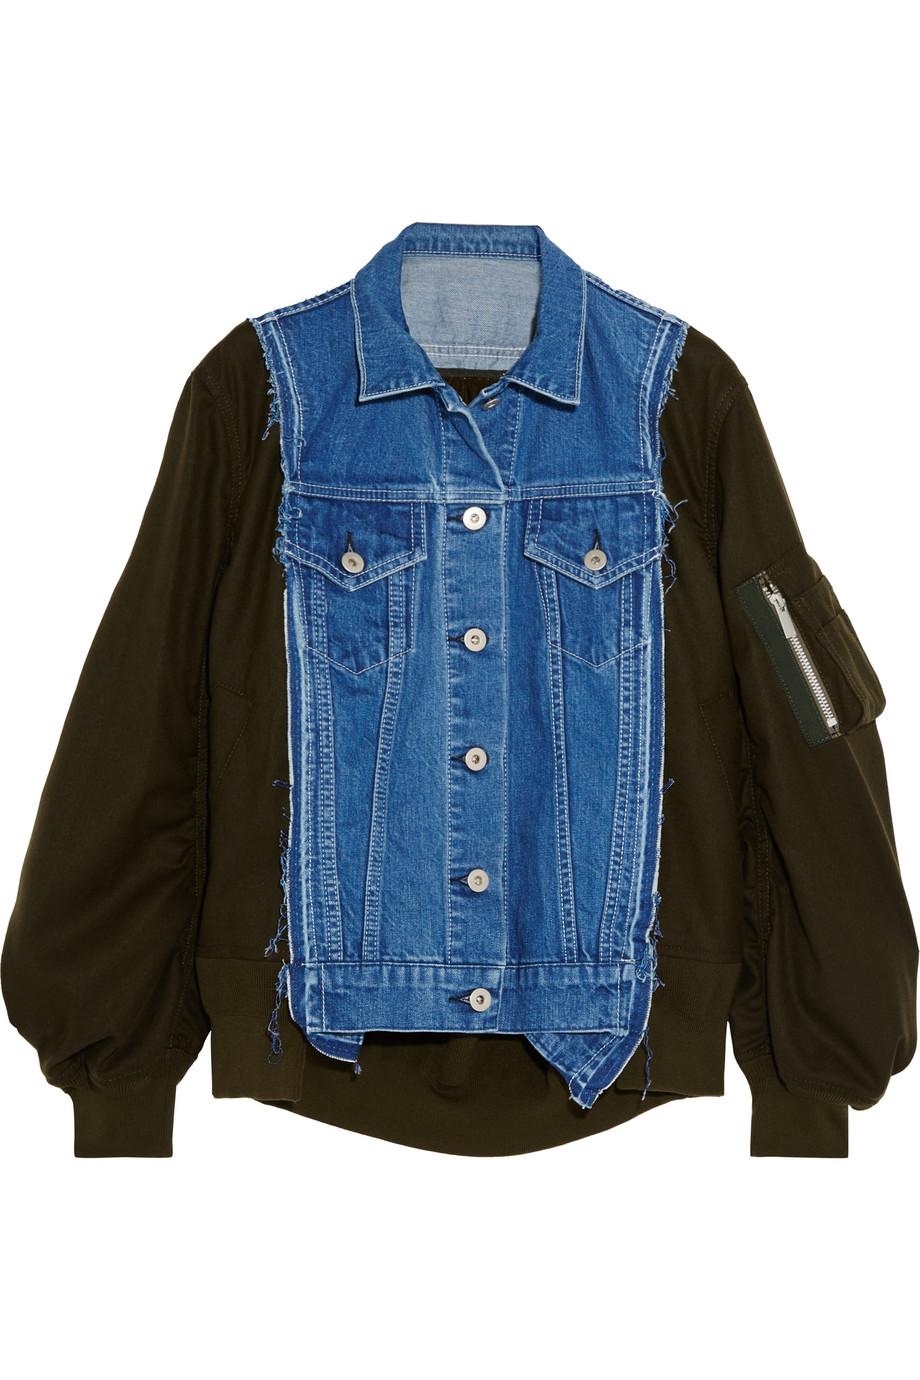 Sacai Denim-Paneled Wool-Twill Bomber Jacket, Size: 3